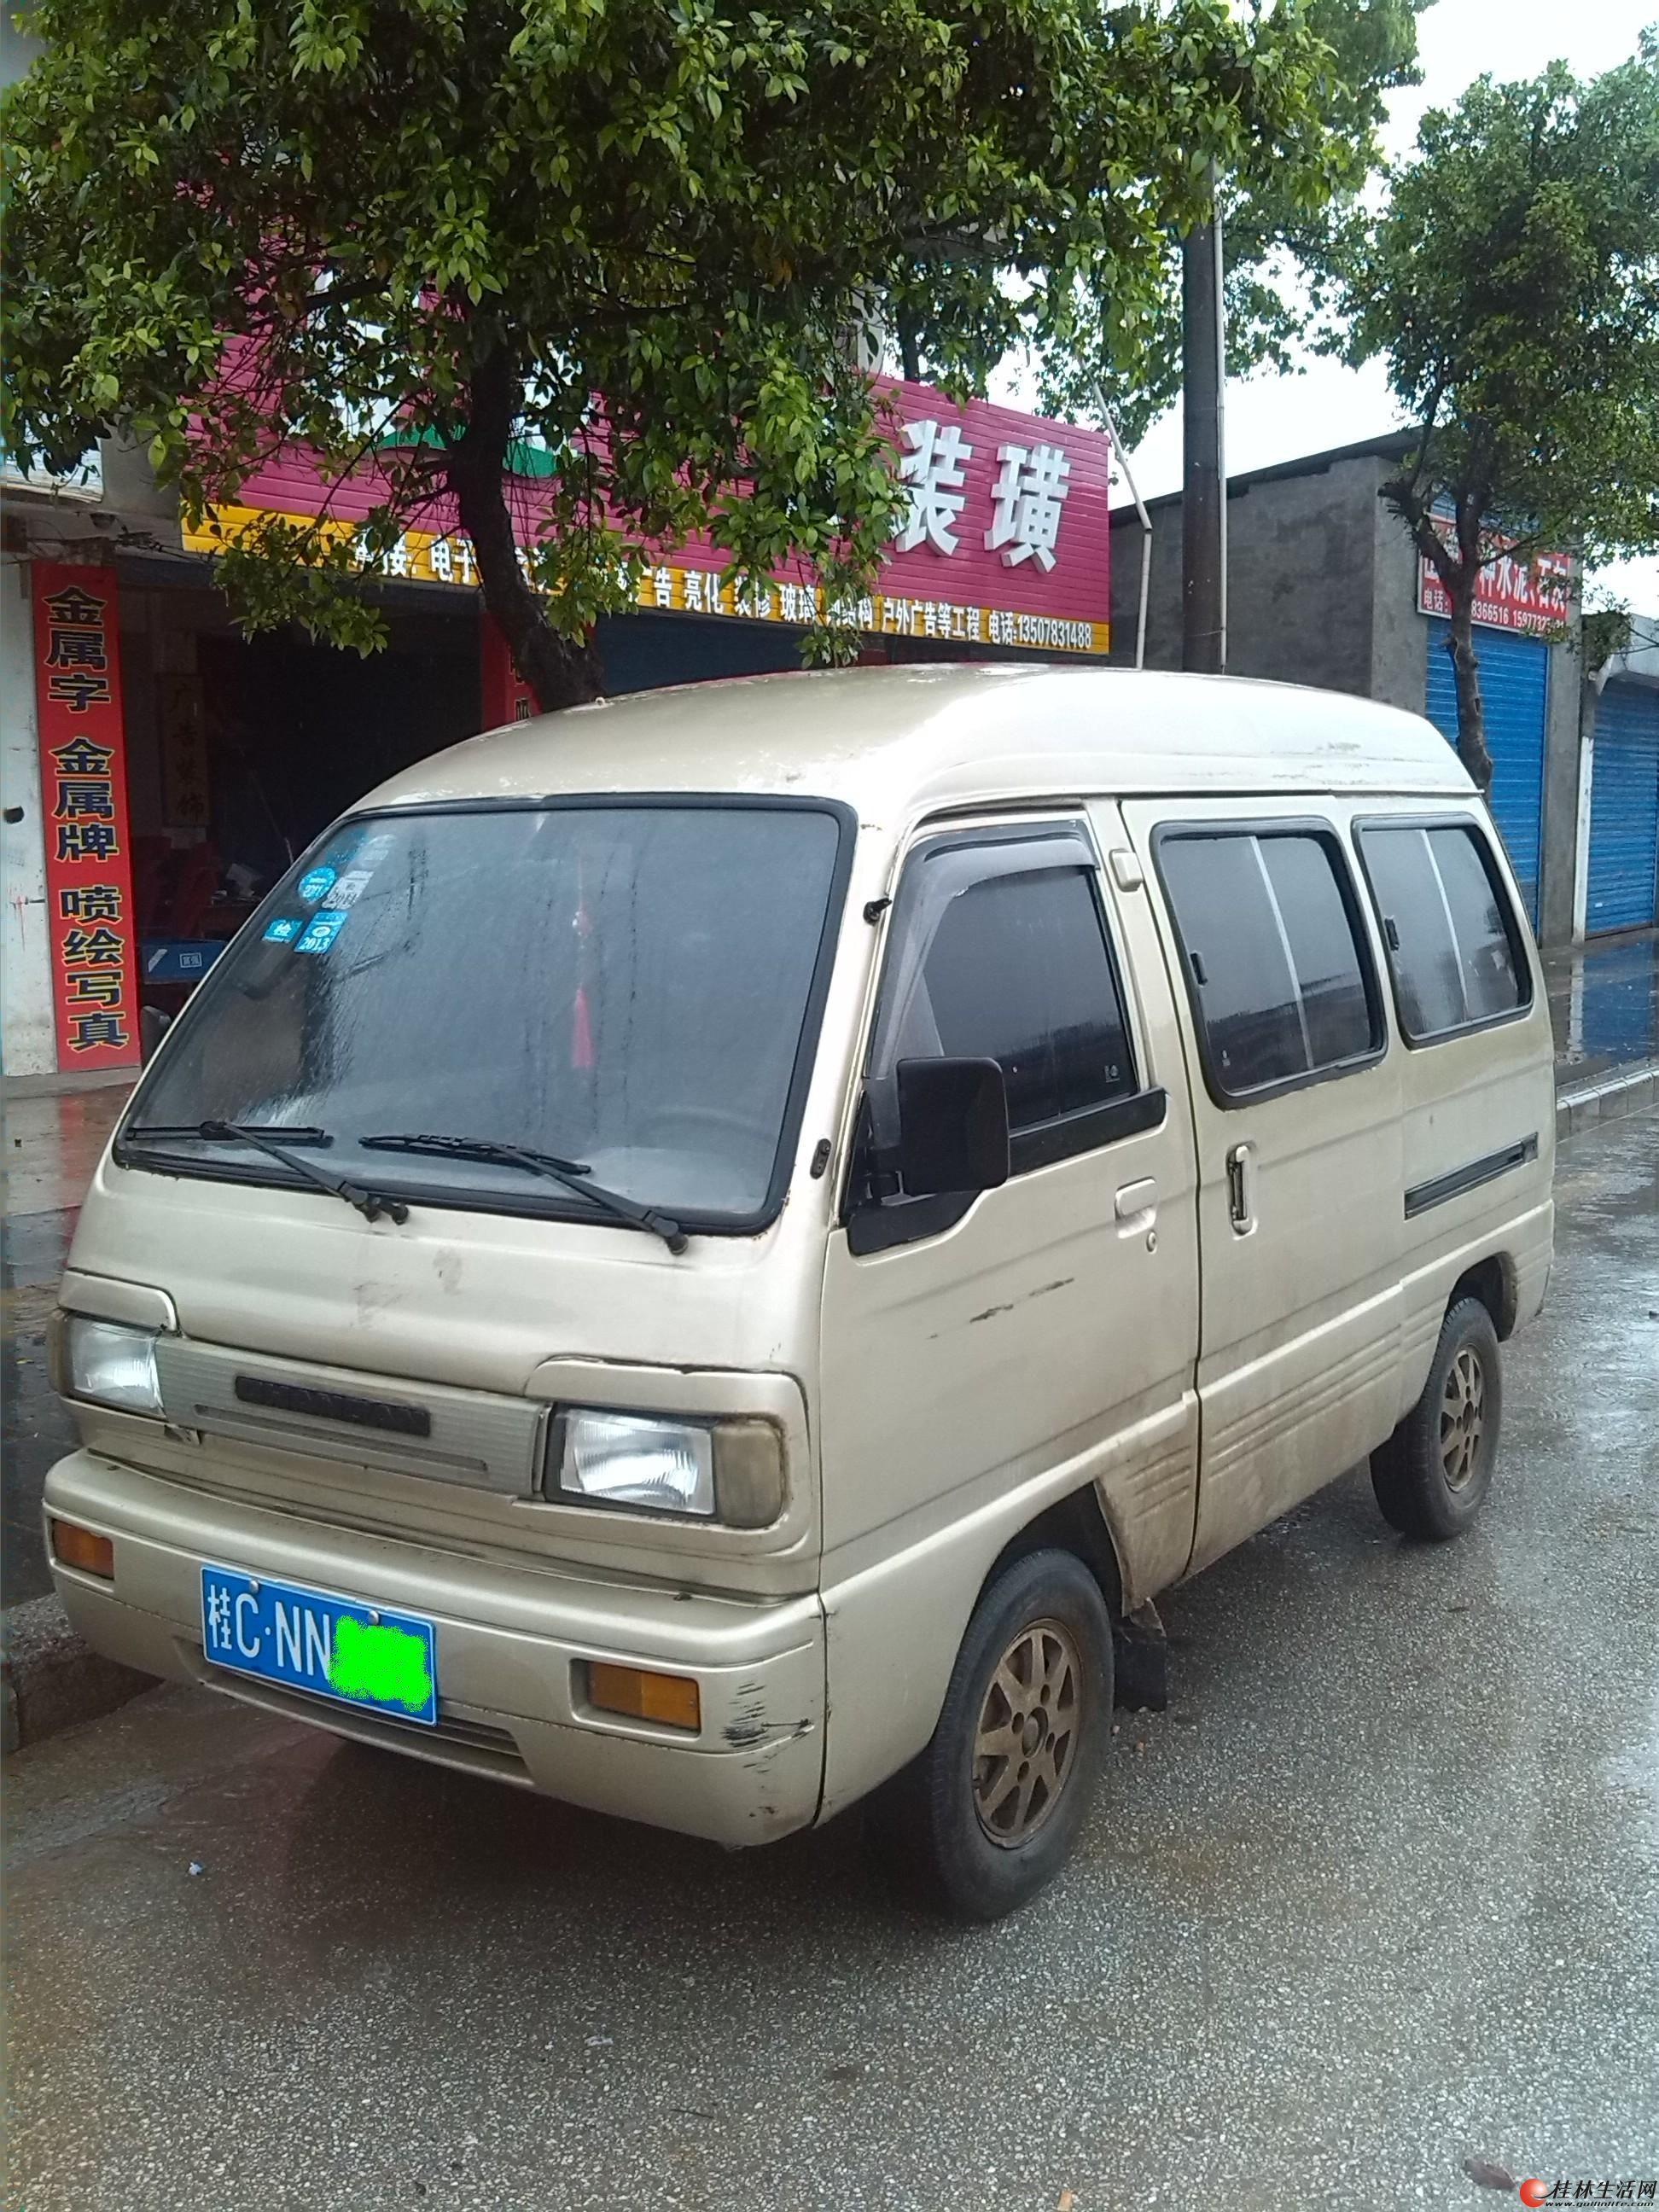 超省油,拉货最实用的南京长安面包车!